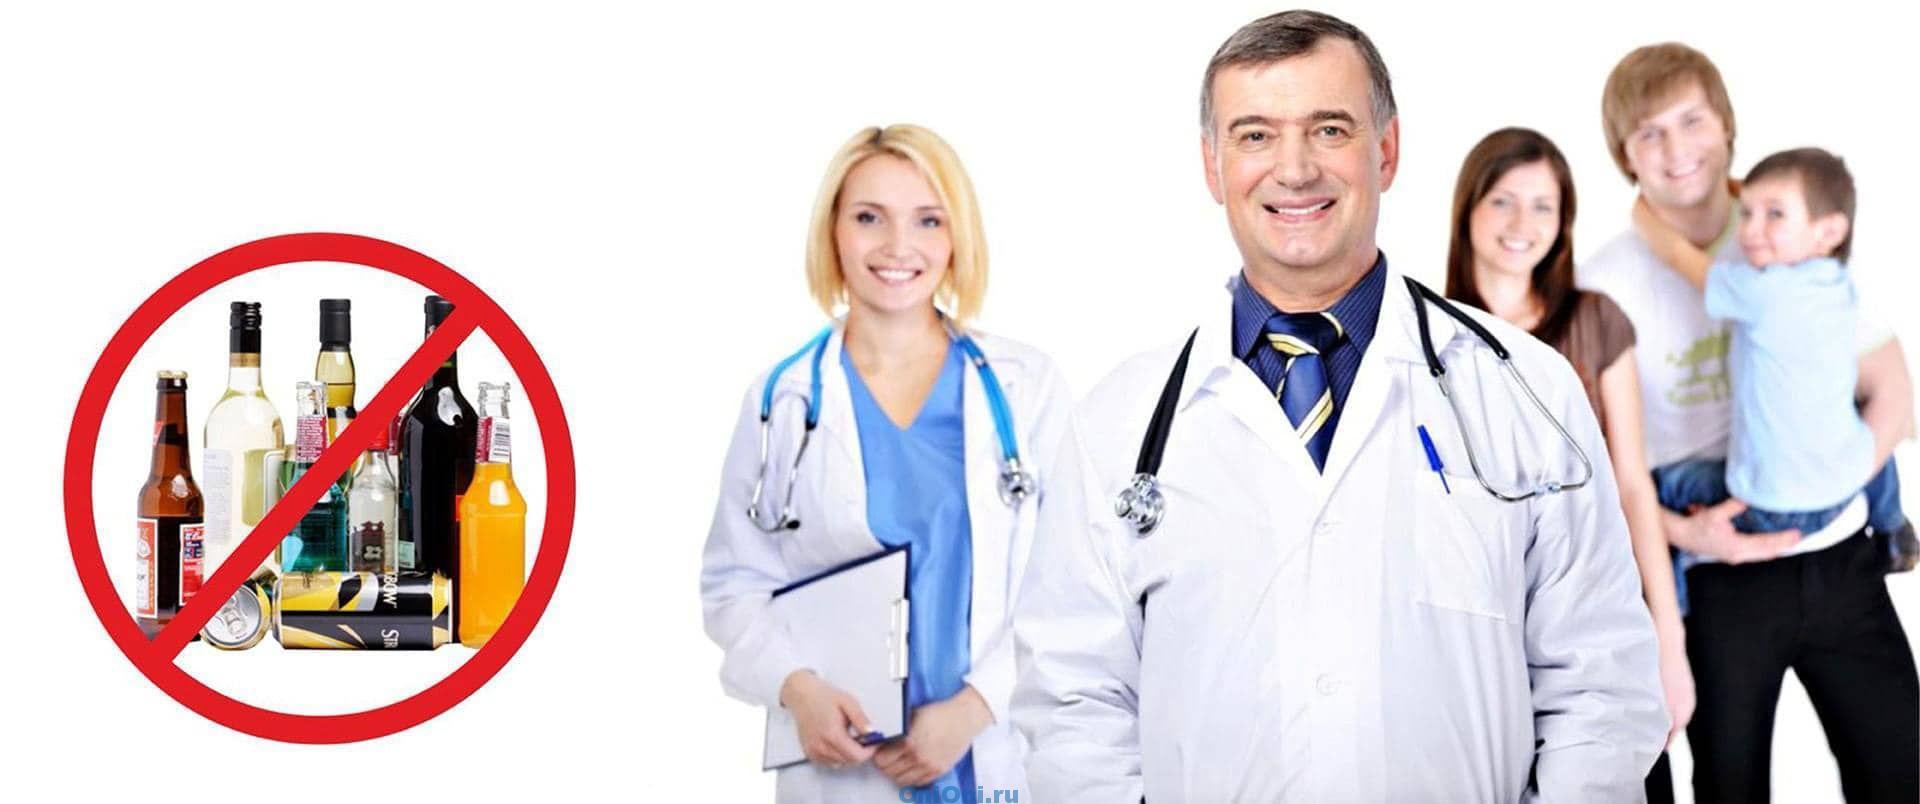 медики персонал